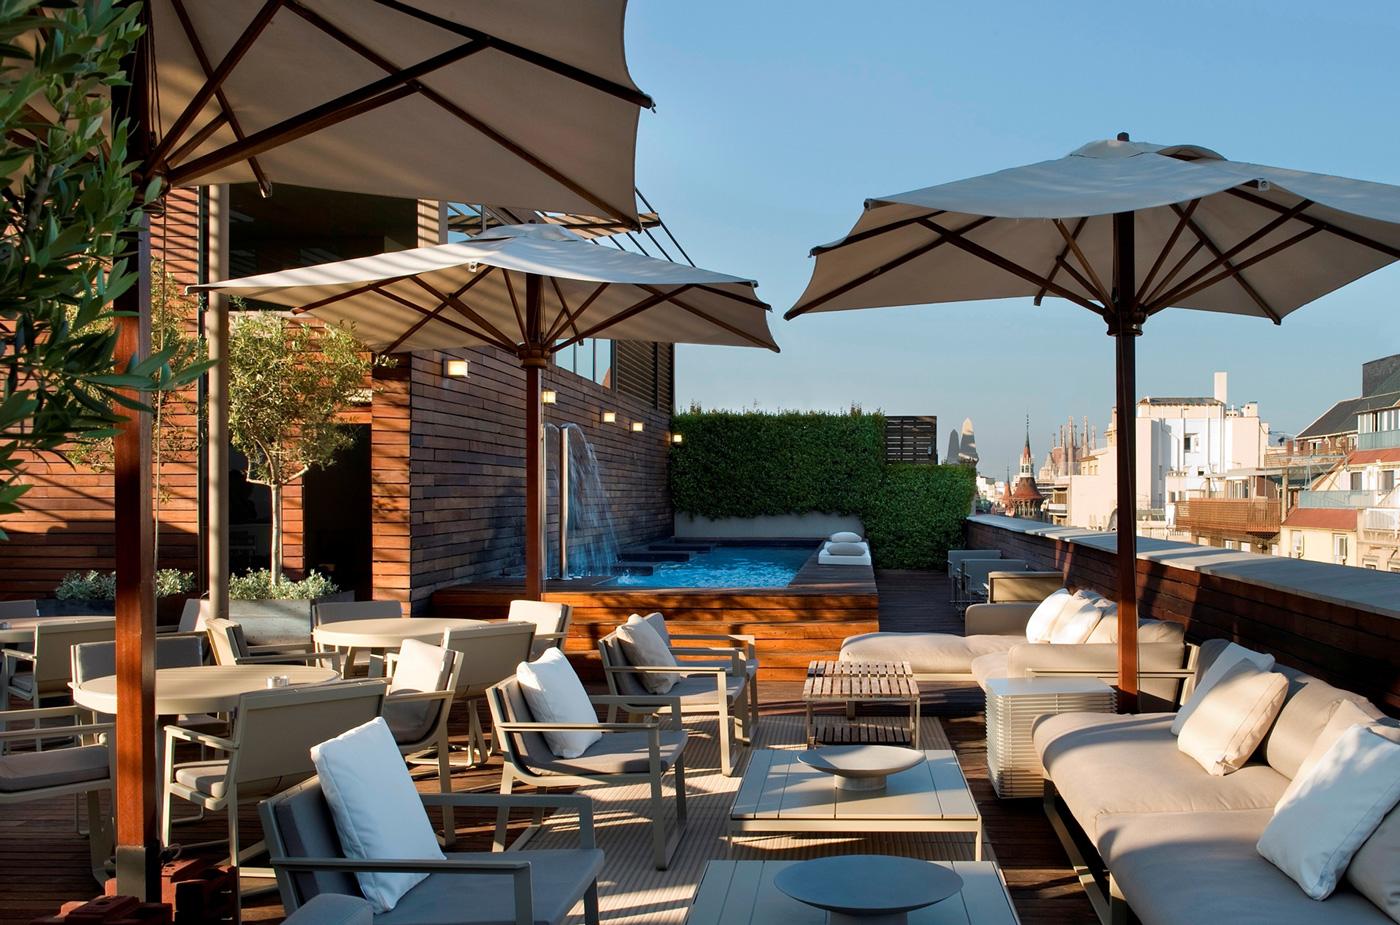 Femina 8 h tels barcelone avec piscine - Barcelone hotel piscine interieure ...